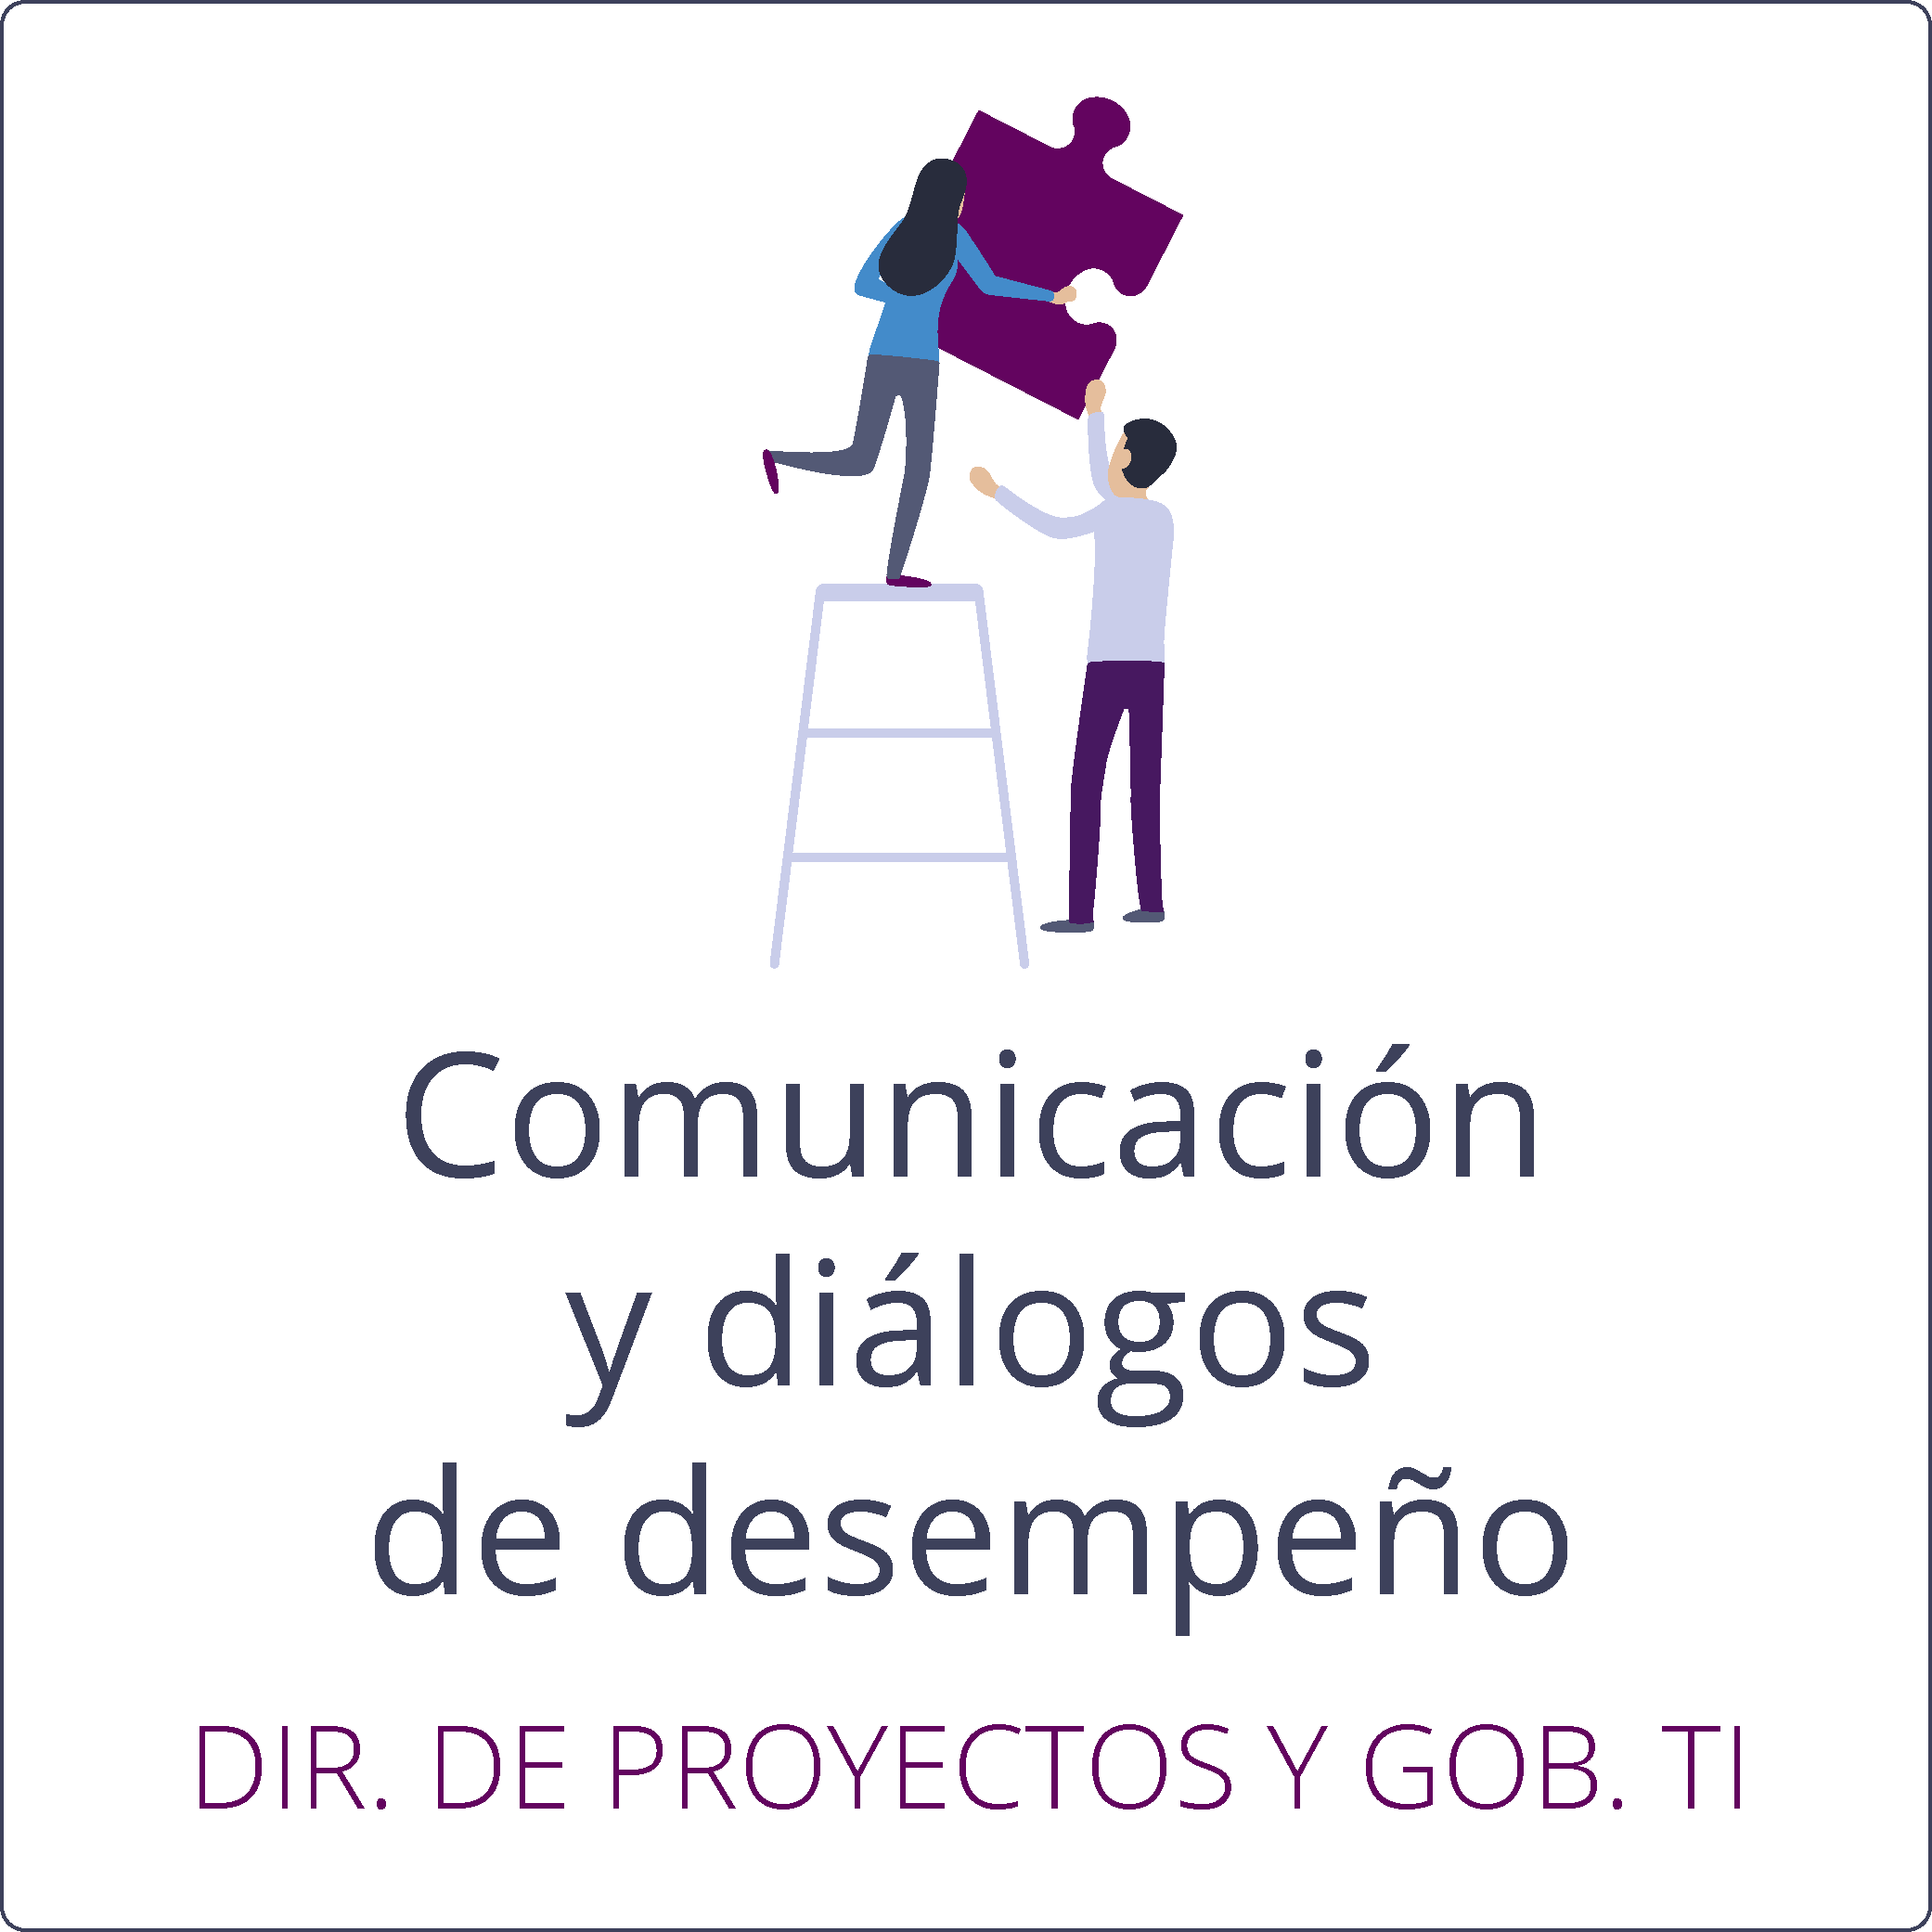 Comunicación y diálogos de desempeño